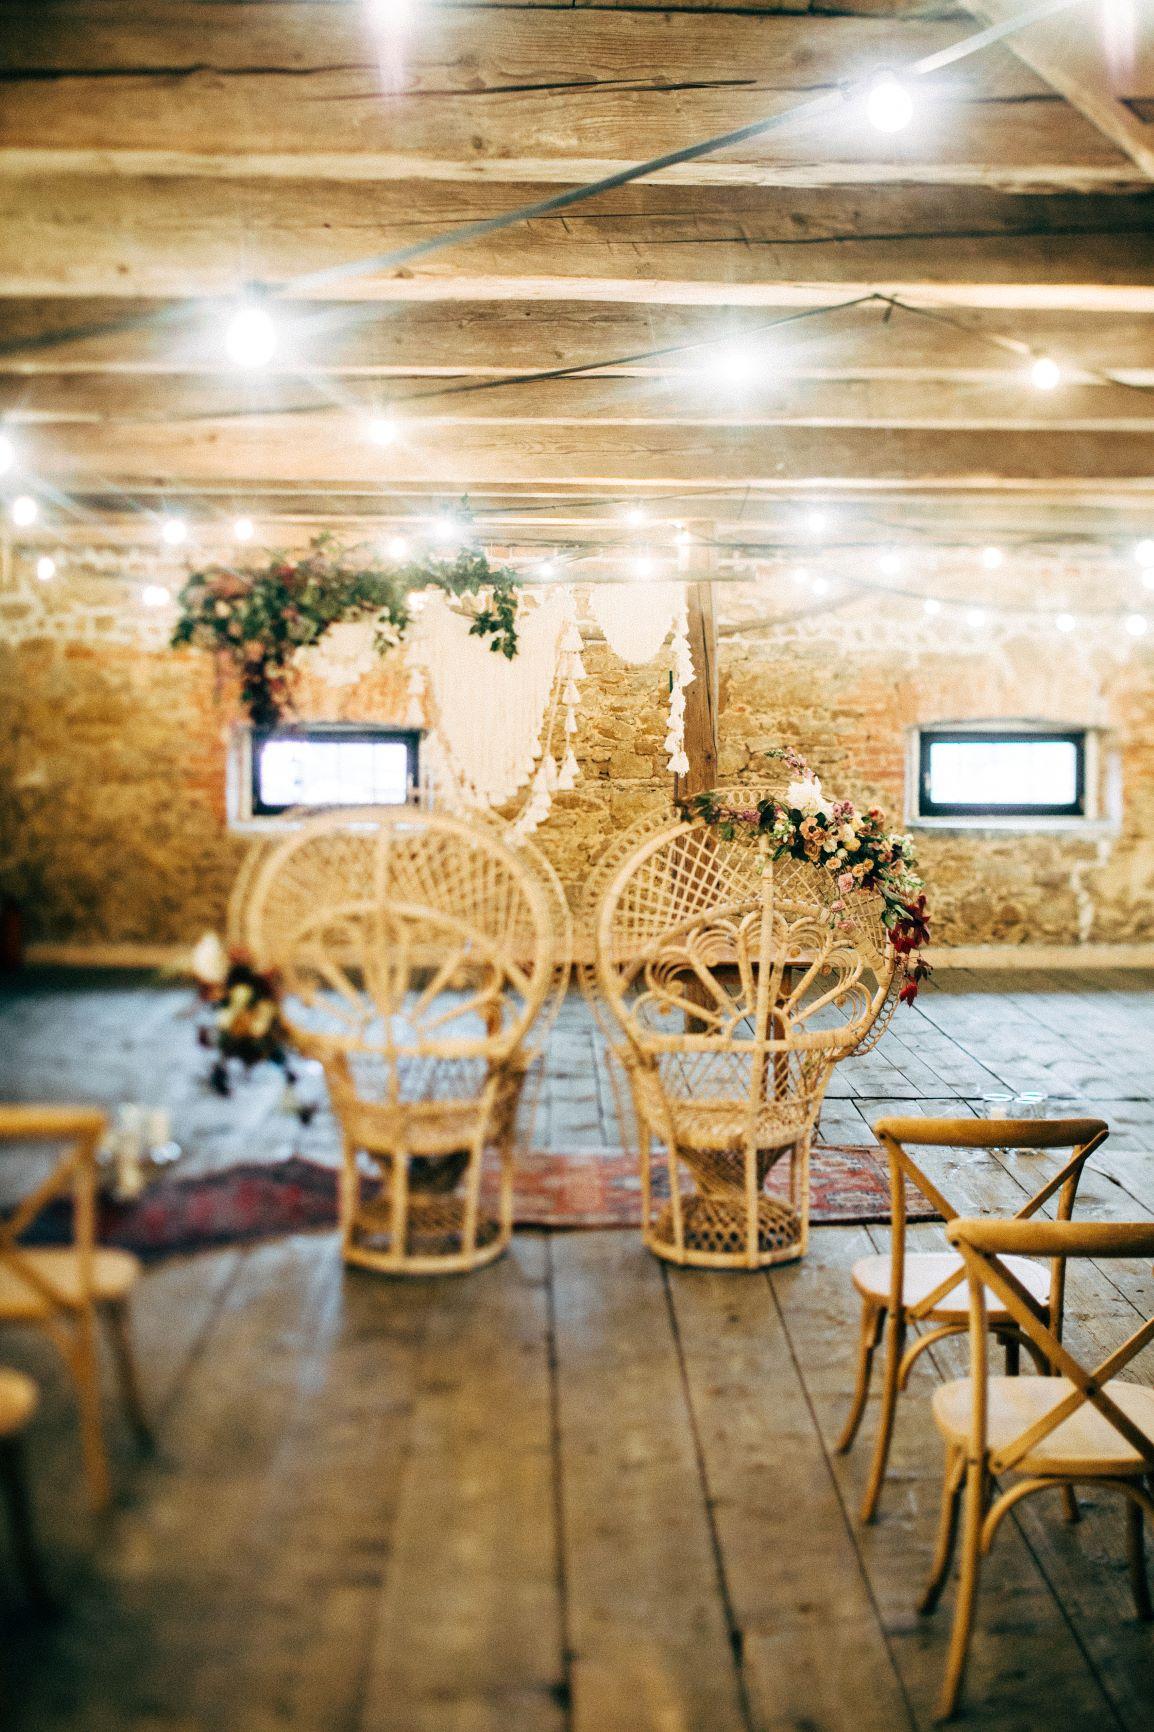 Dekoracje do ślubu, ślub w stylu boho, Krzesła ratanowe do ślubu, ślub w plenerze, ślub w Oaza Leńcze